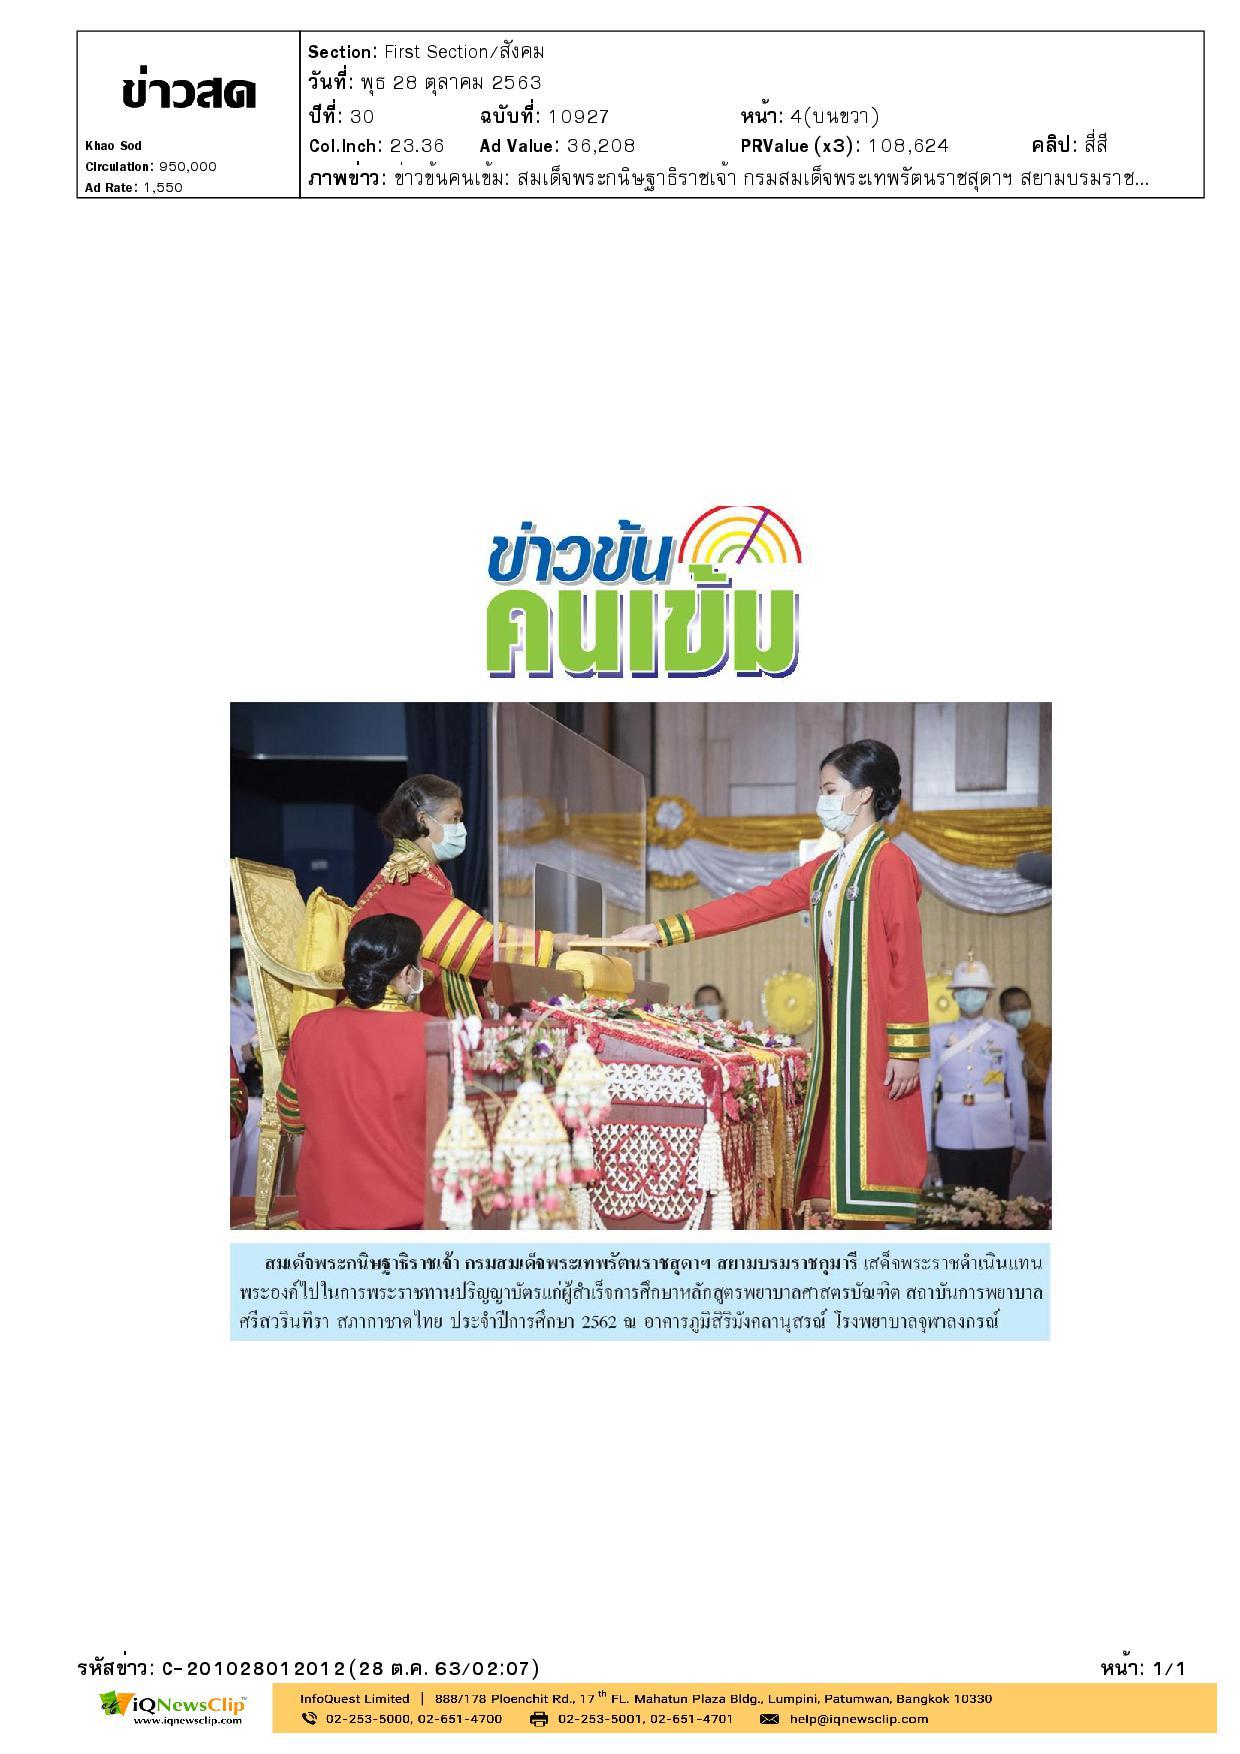 พระราชทานปริญญาบัตรแก่ผู้สำเร็จการศึกษาหลักสูตรพยาบาลศาสตรบัณฑิต สถาบันการพยาบาลศรีสวรินทิรา สภากาชาดไทย